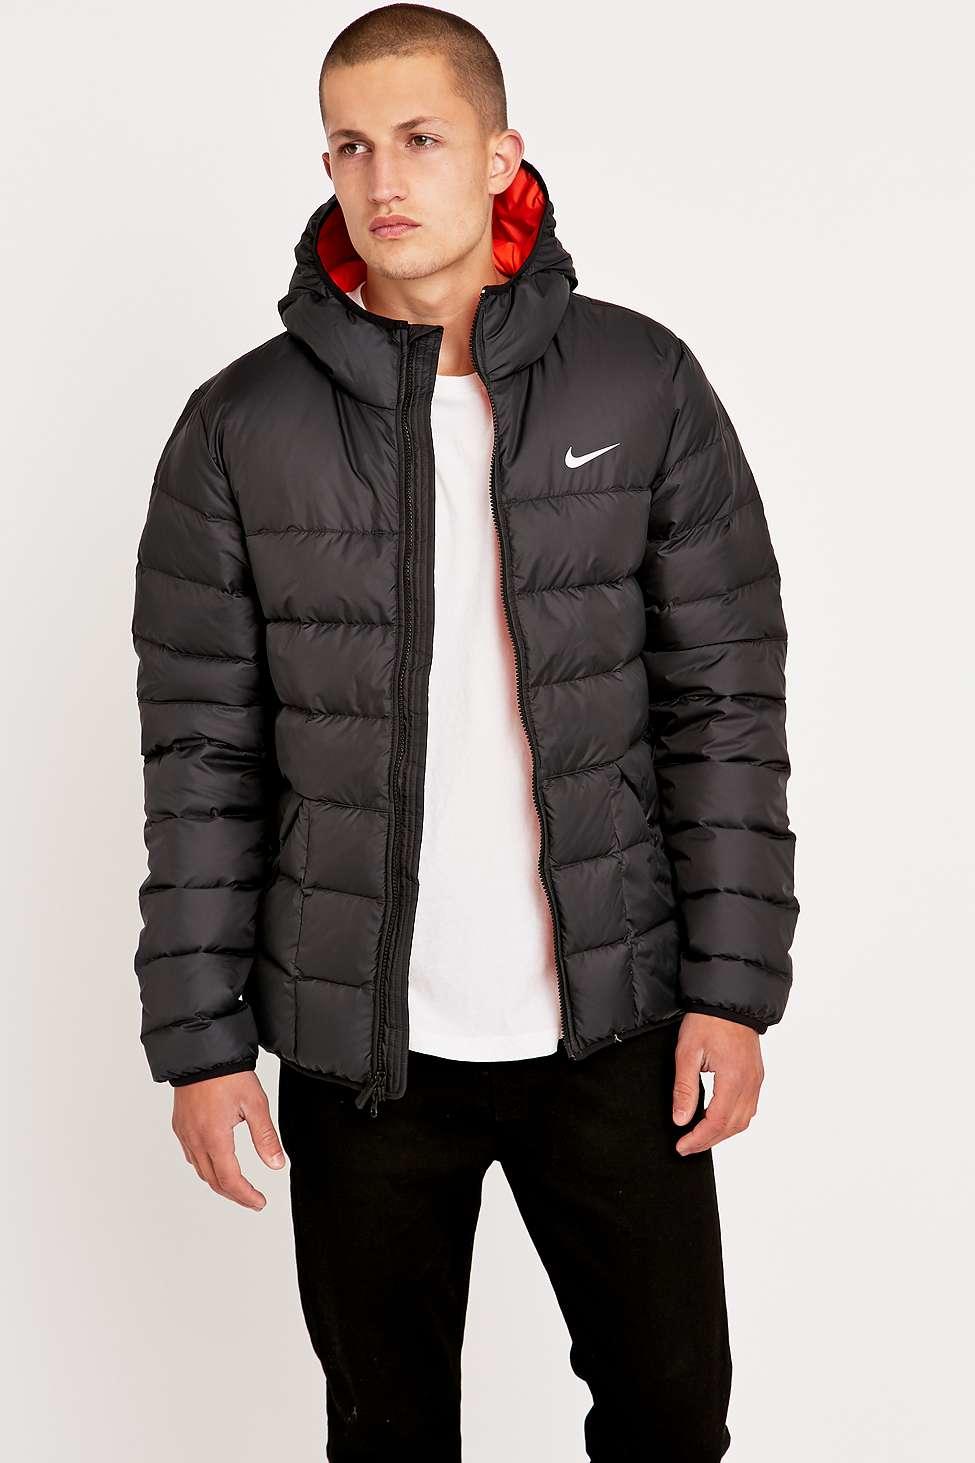 106ca26acc36 Men S Nike Black Padded Jacket - Image Of Jacket